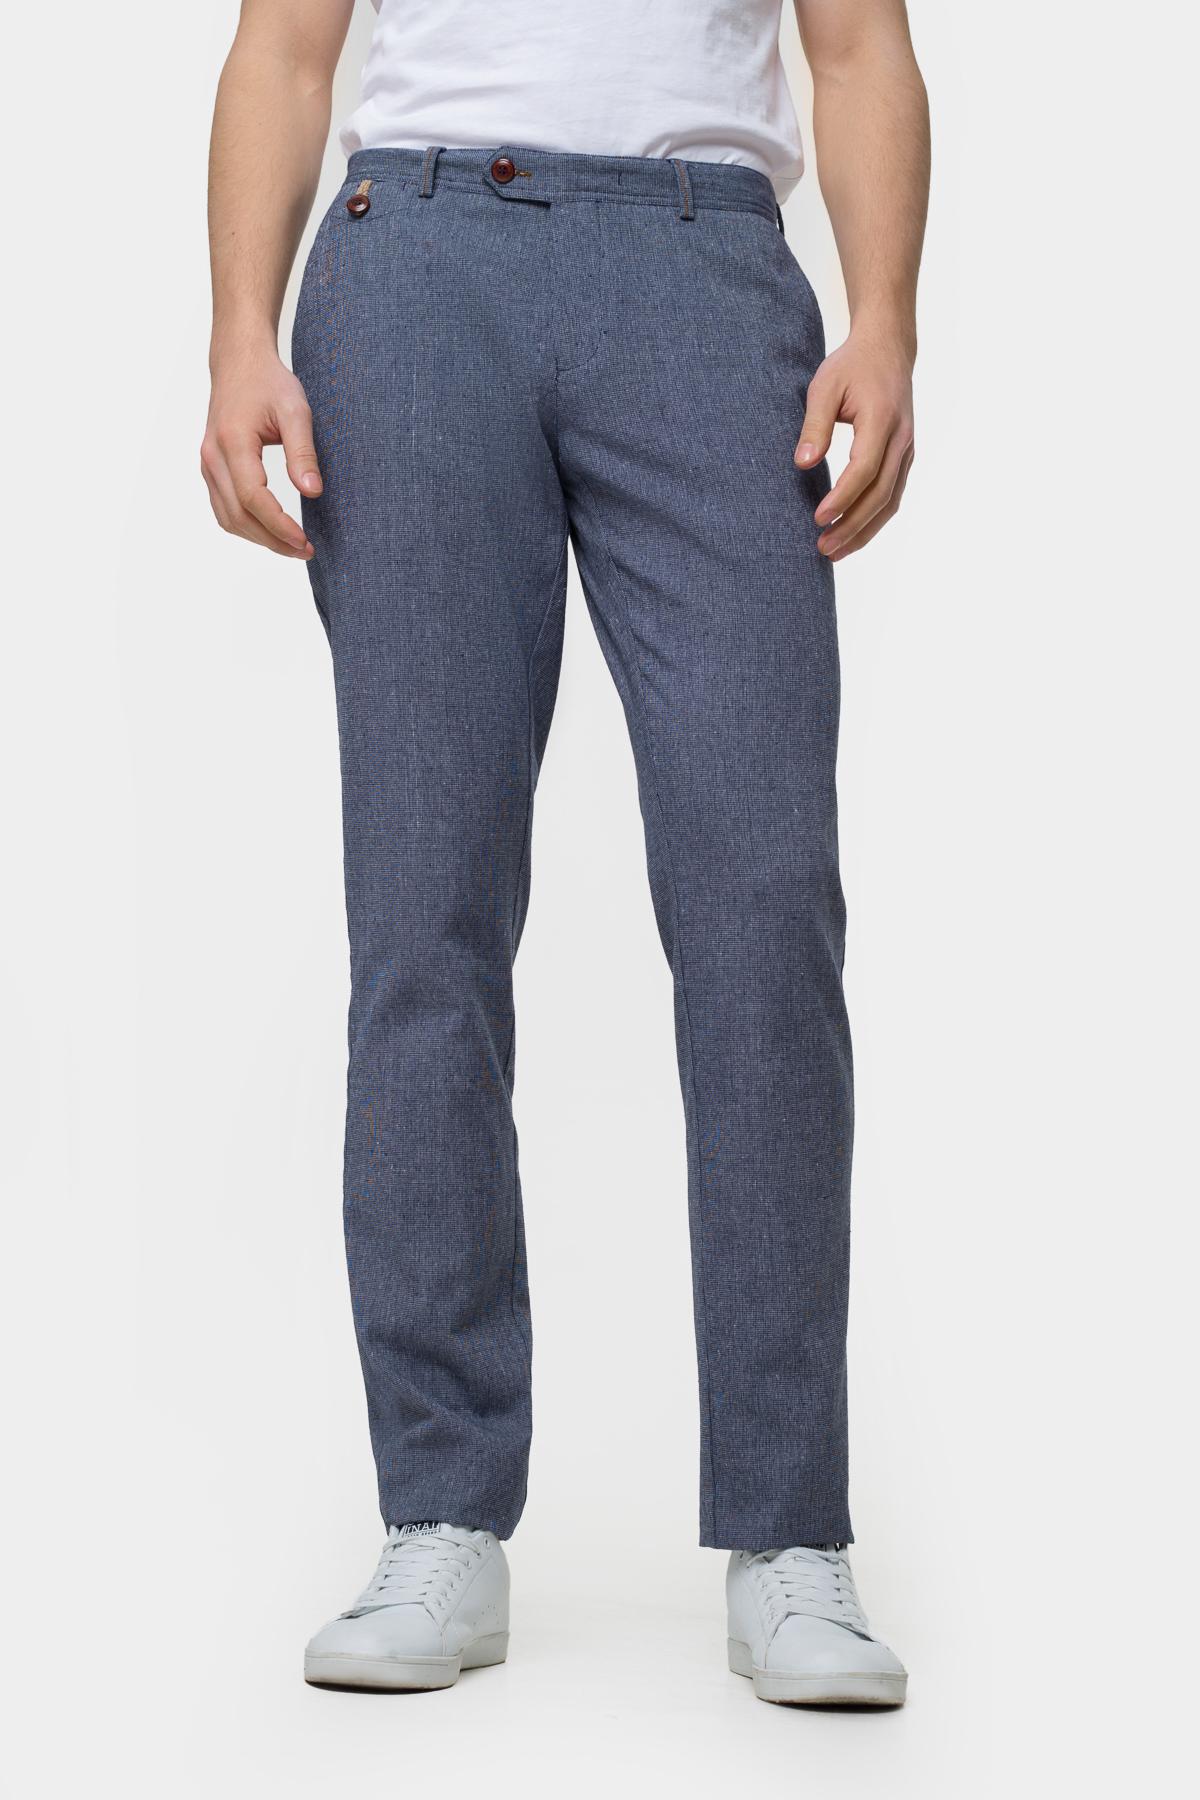 Зауженные брюки «chinos»,  из  хлопка.  Vaismann  21509